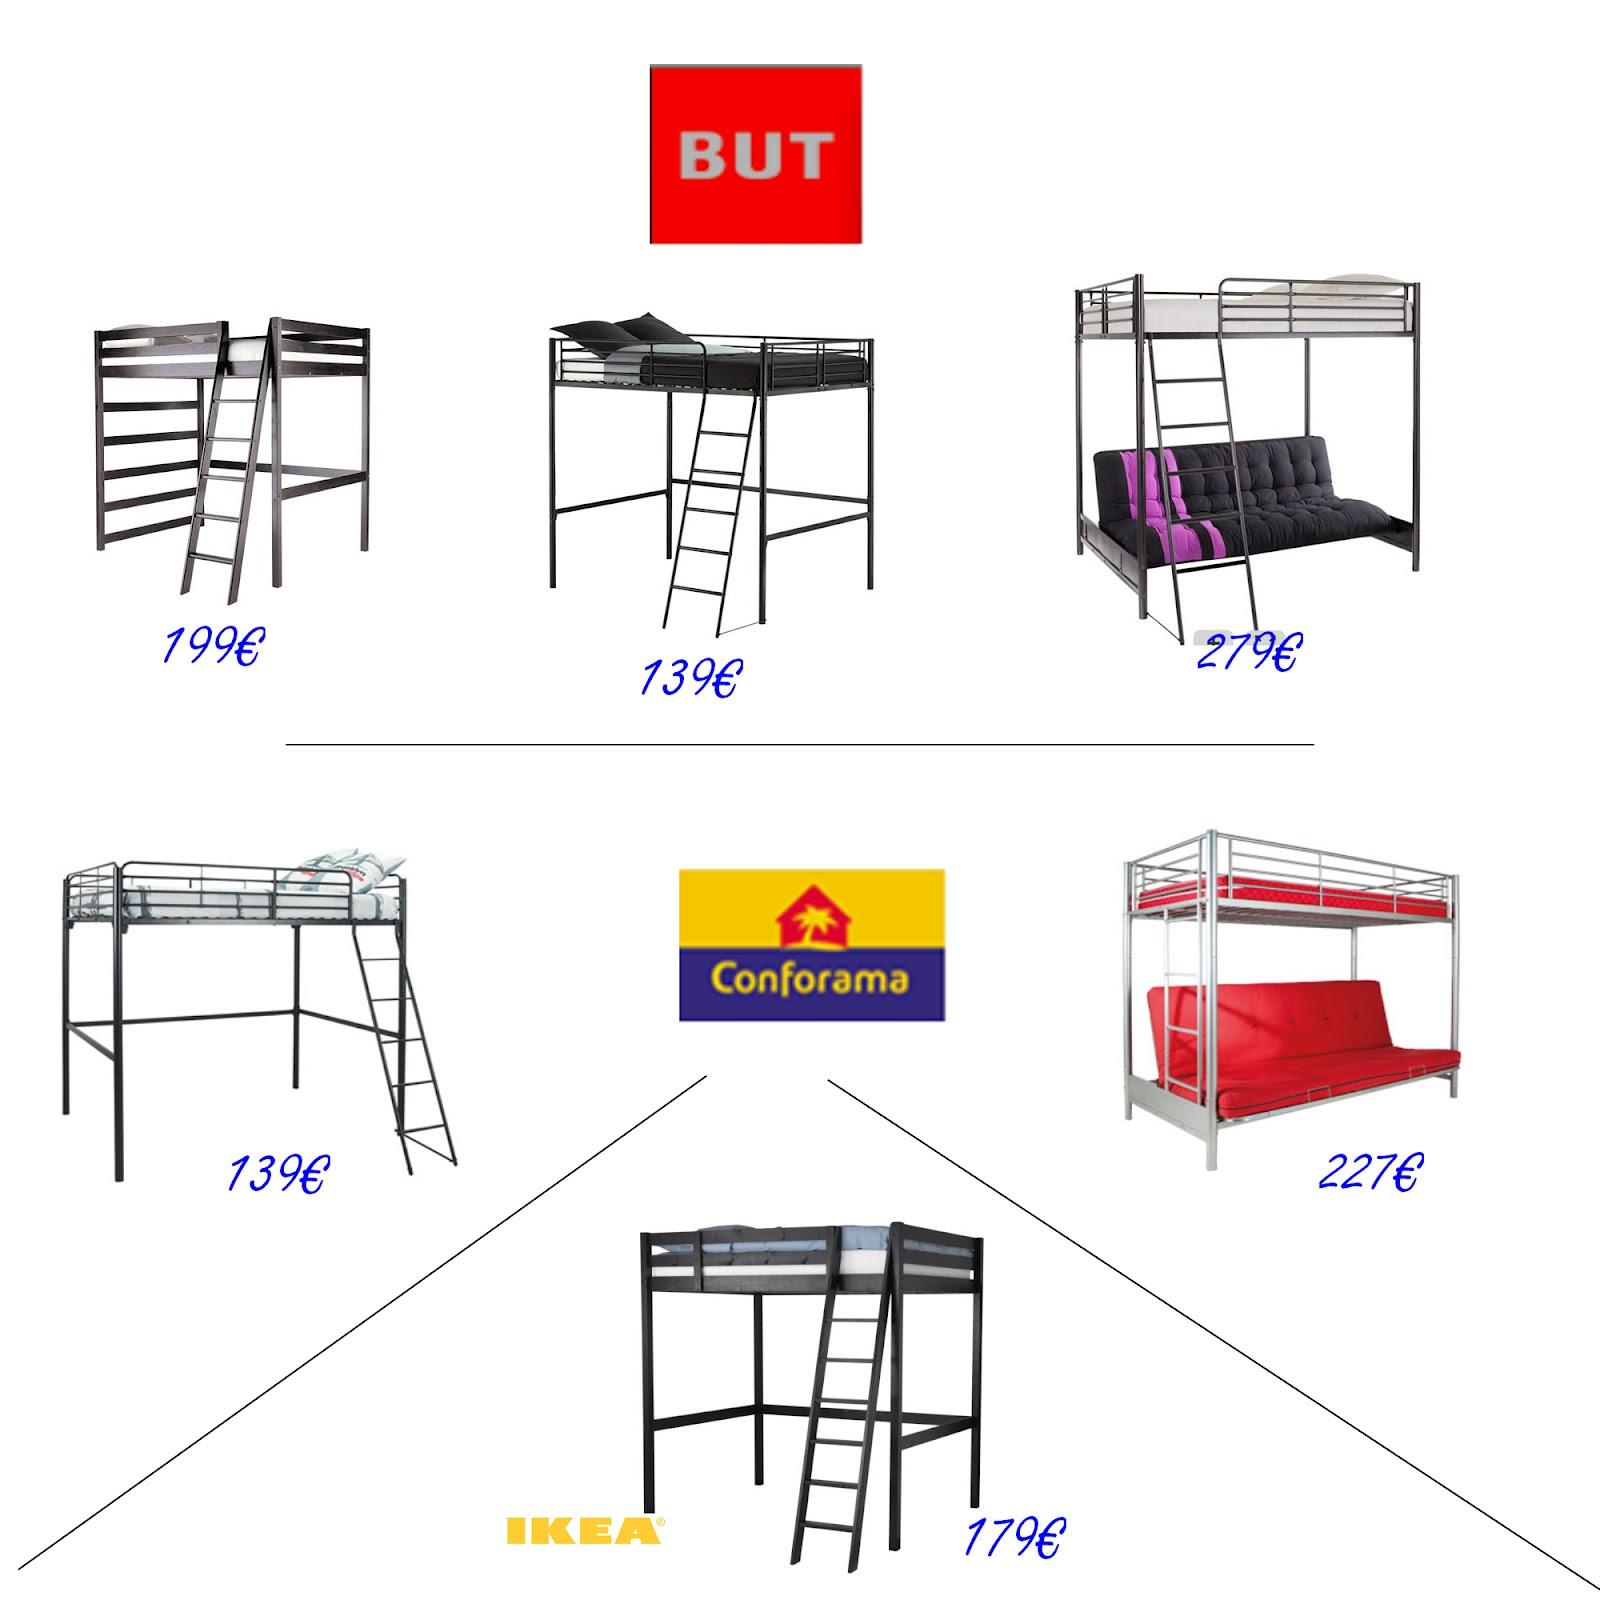 princesse fait son nid dossier lit mezzanine adulte. Black Bedroom Furniture Sets. Home Design Ideas